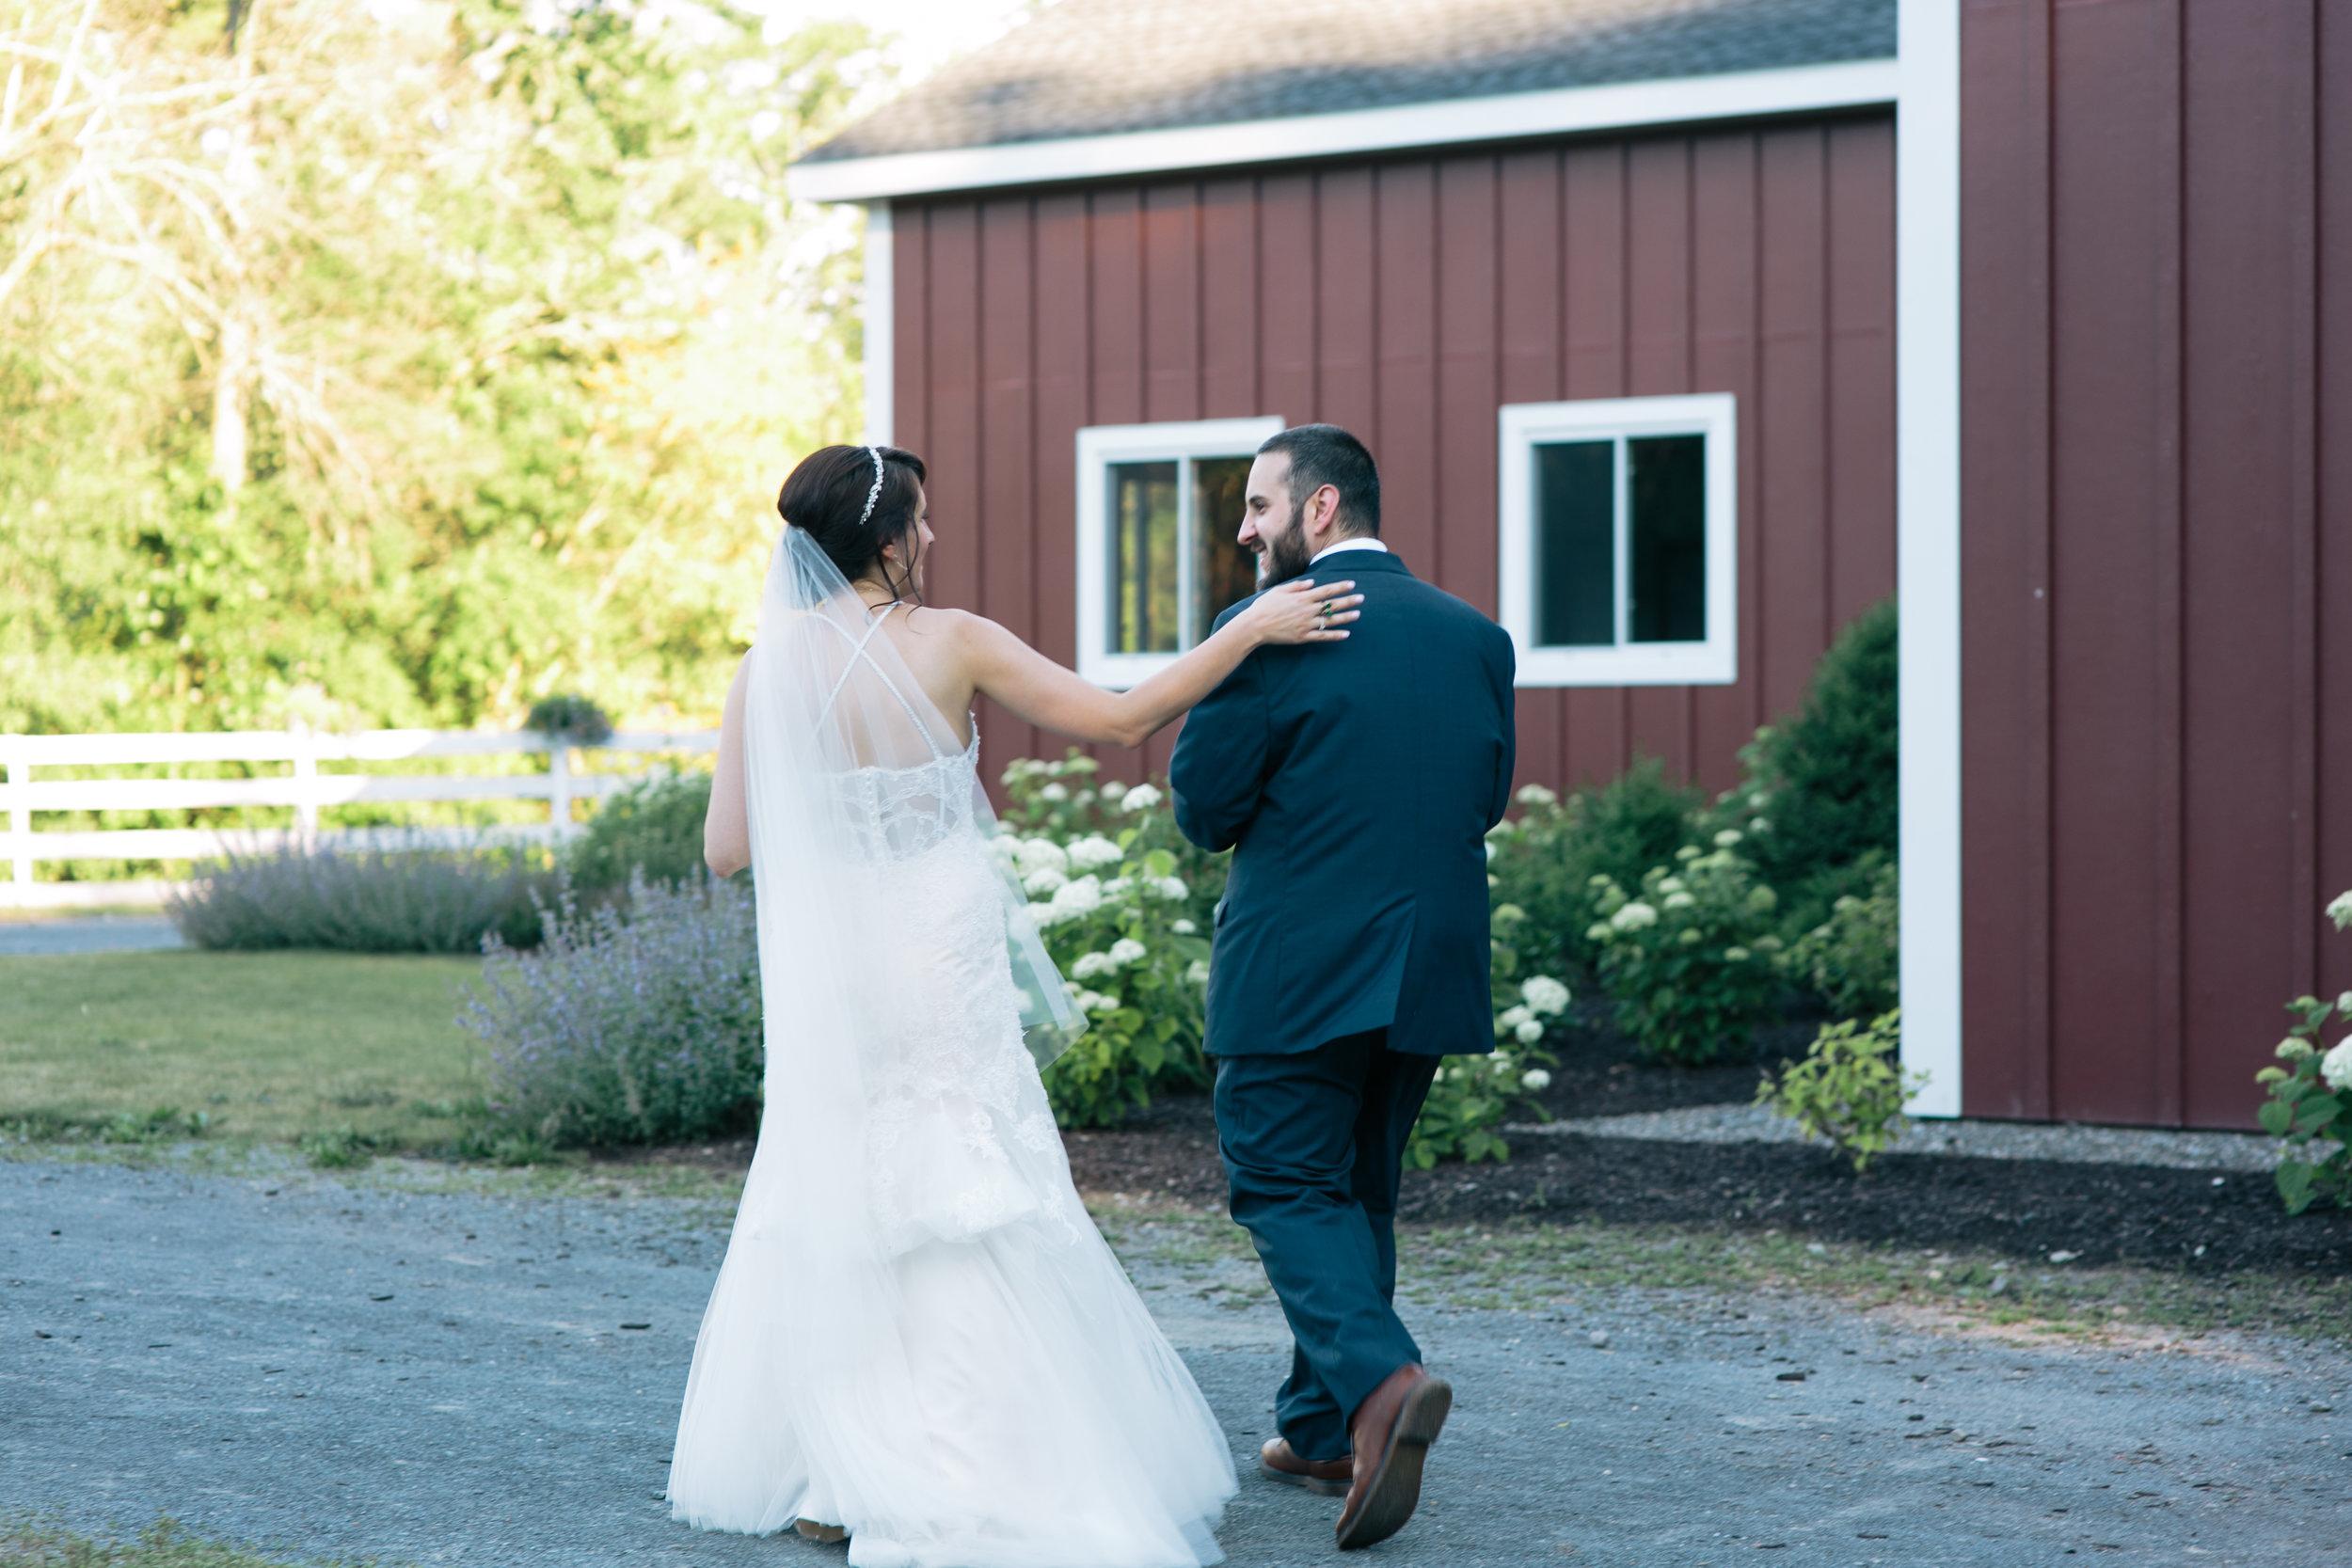 695_Jared_Kristen_wedding.jpg